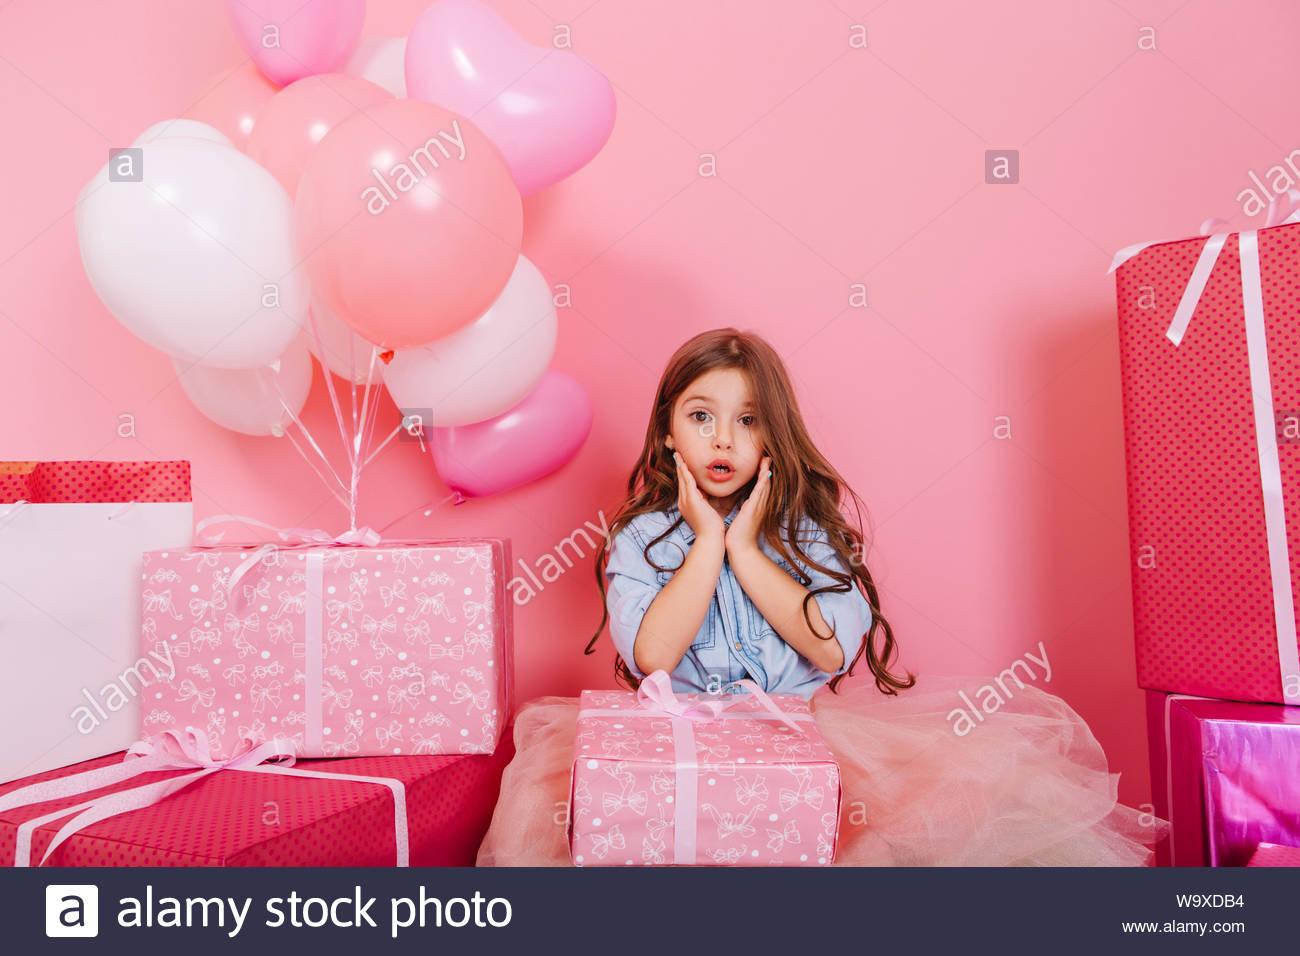 Sweet party girl brunette